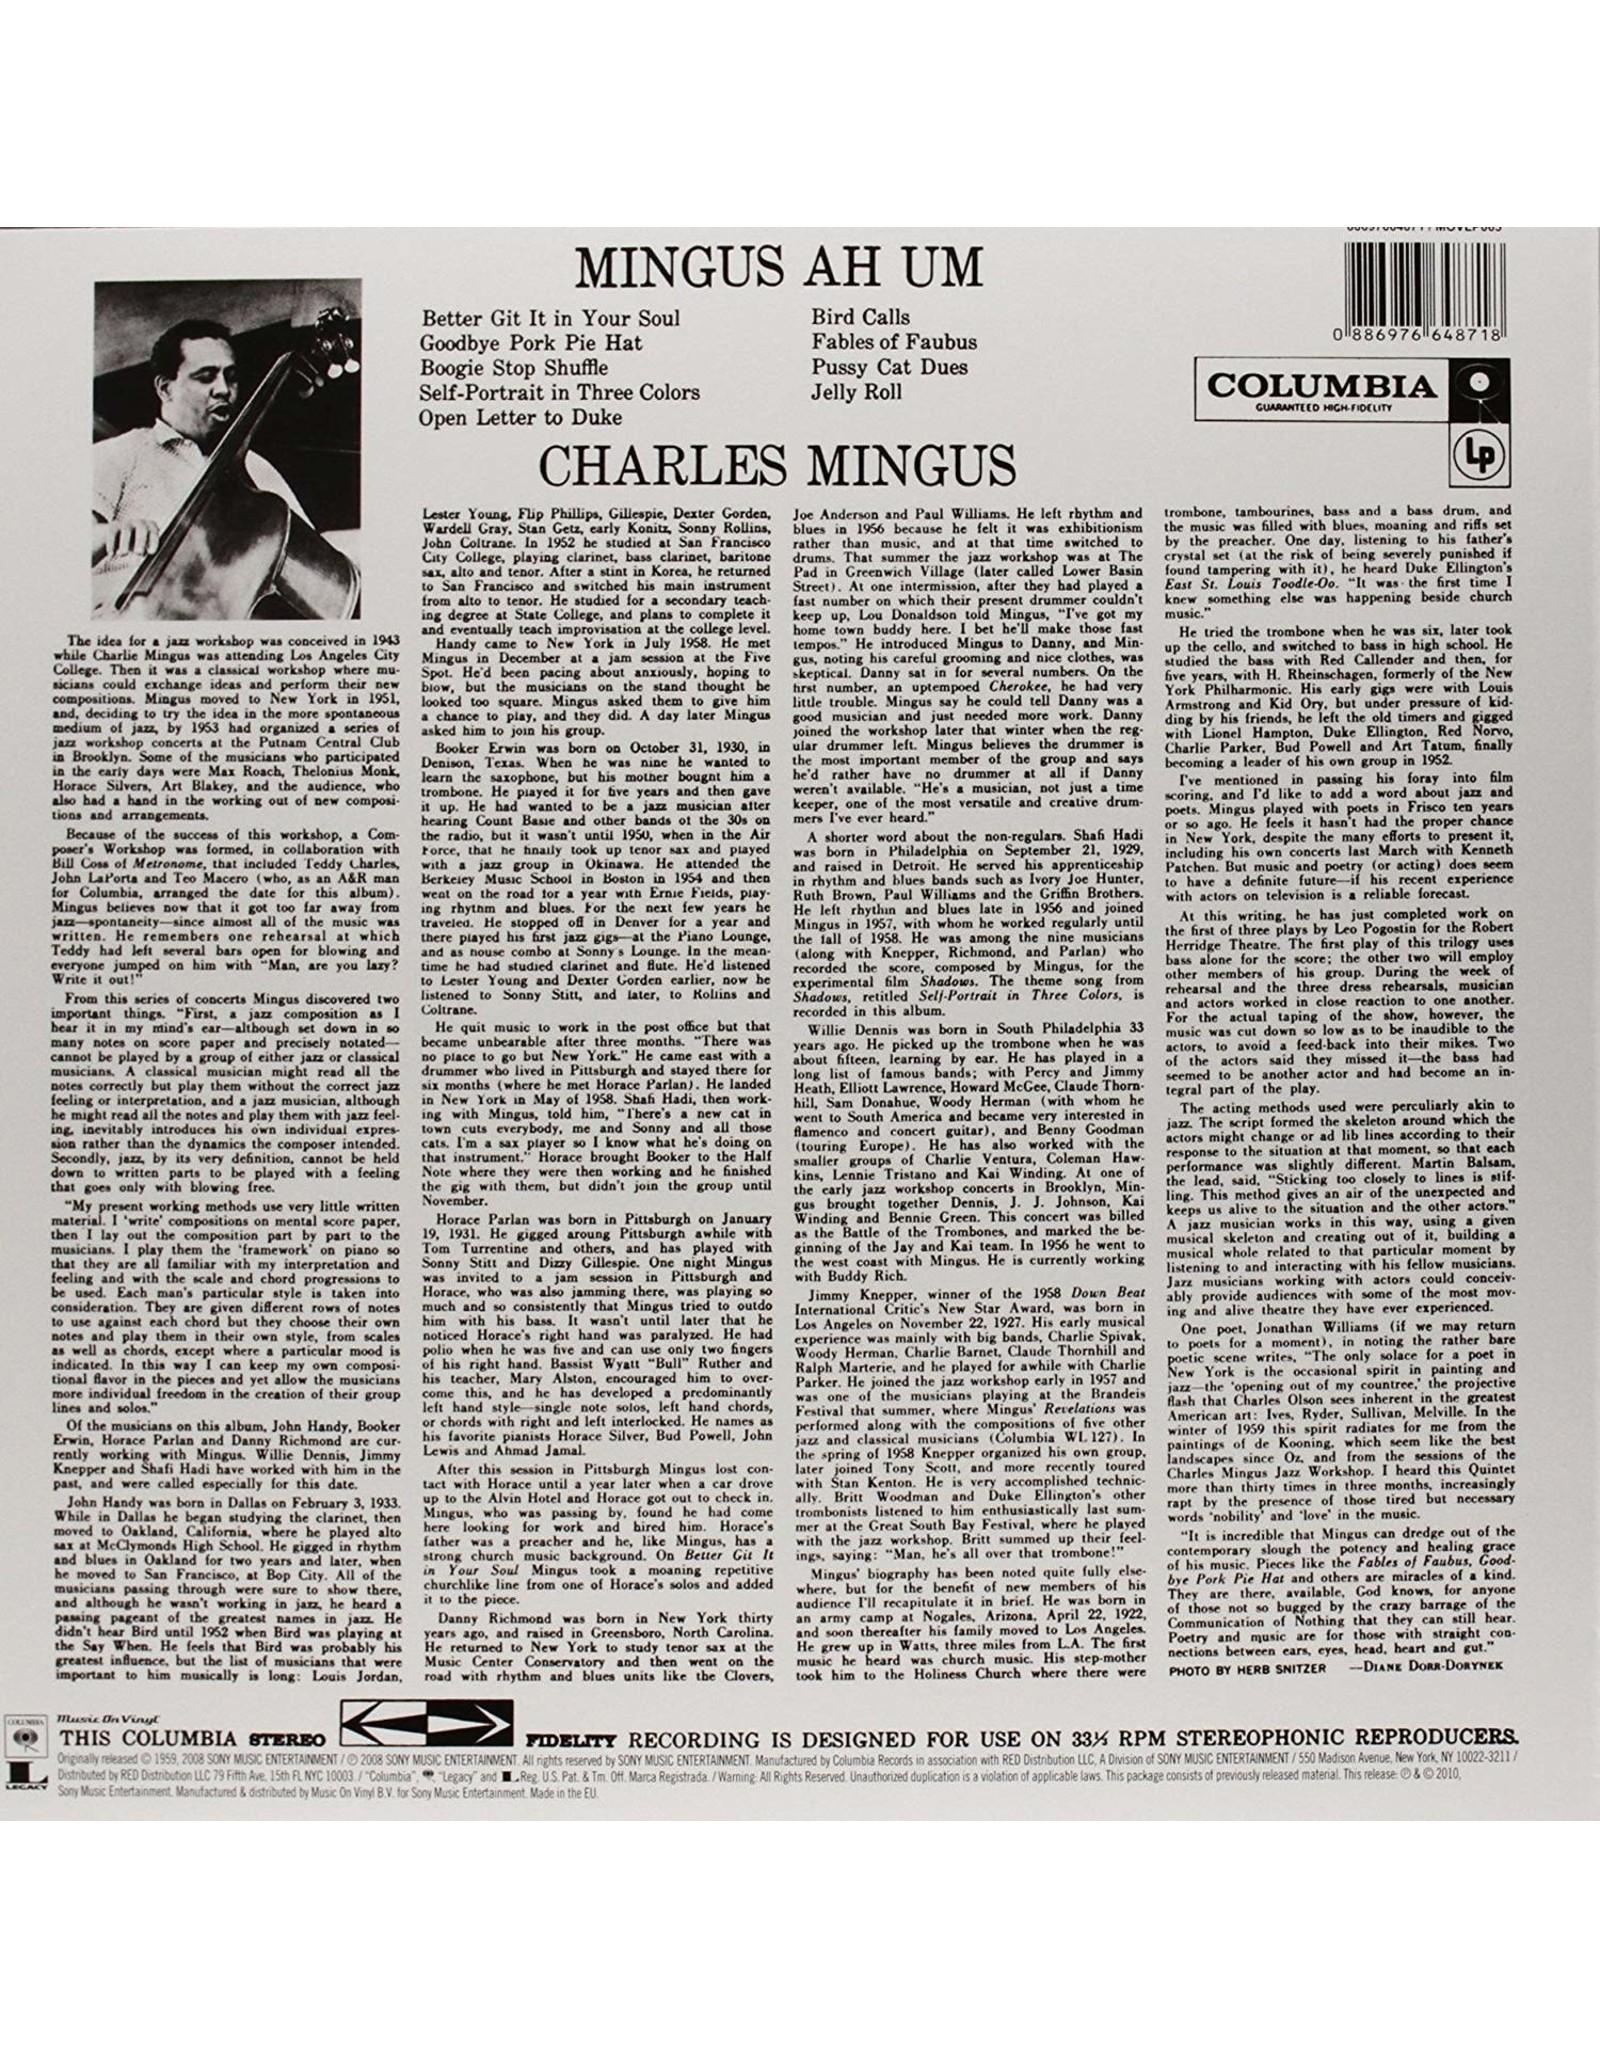 Charles Mingus - Mingus Ah Um (Music On Vinyl)